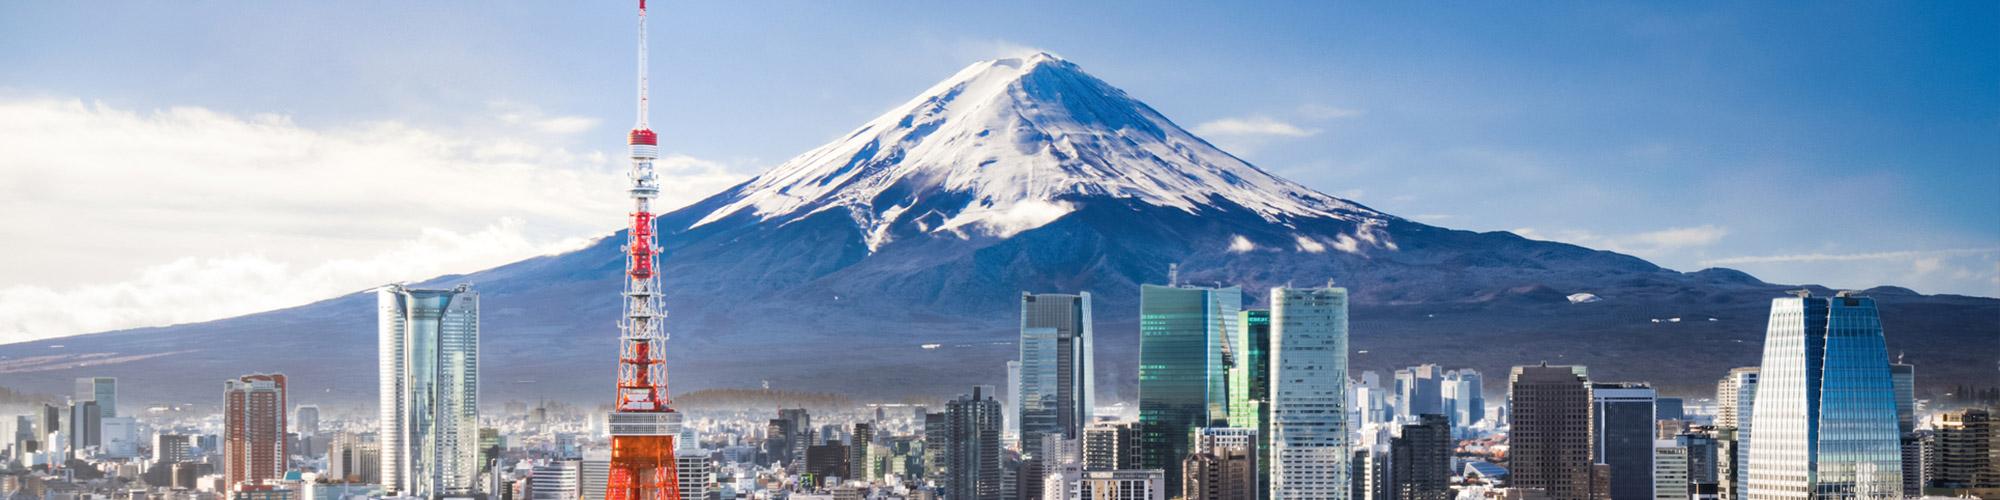 Japón, tradición y modernidad - El País Viajes